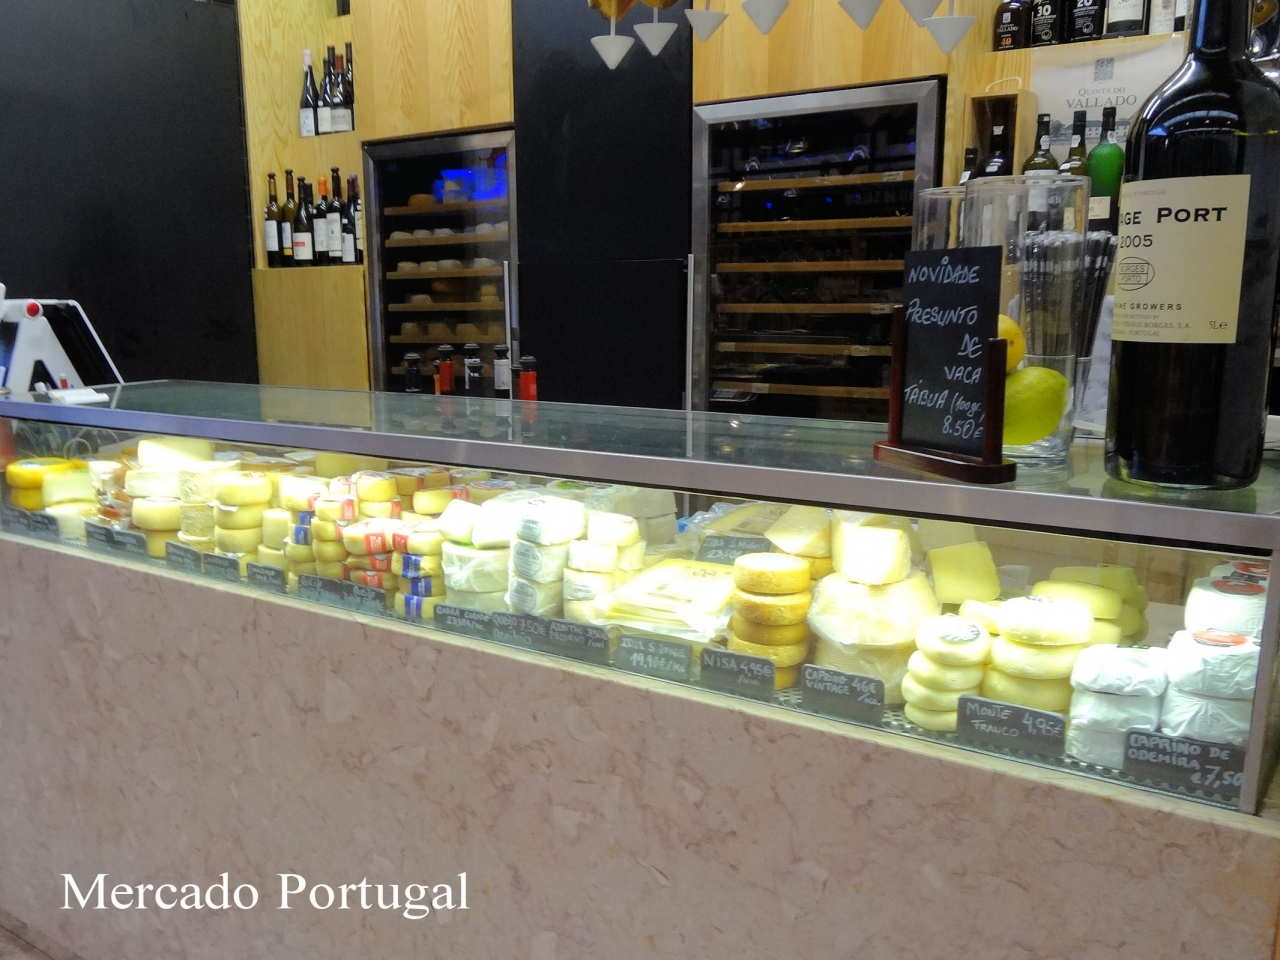 ポルトガルのマーケットではこんな感じで売られています